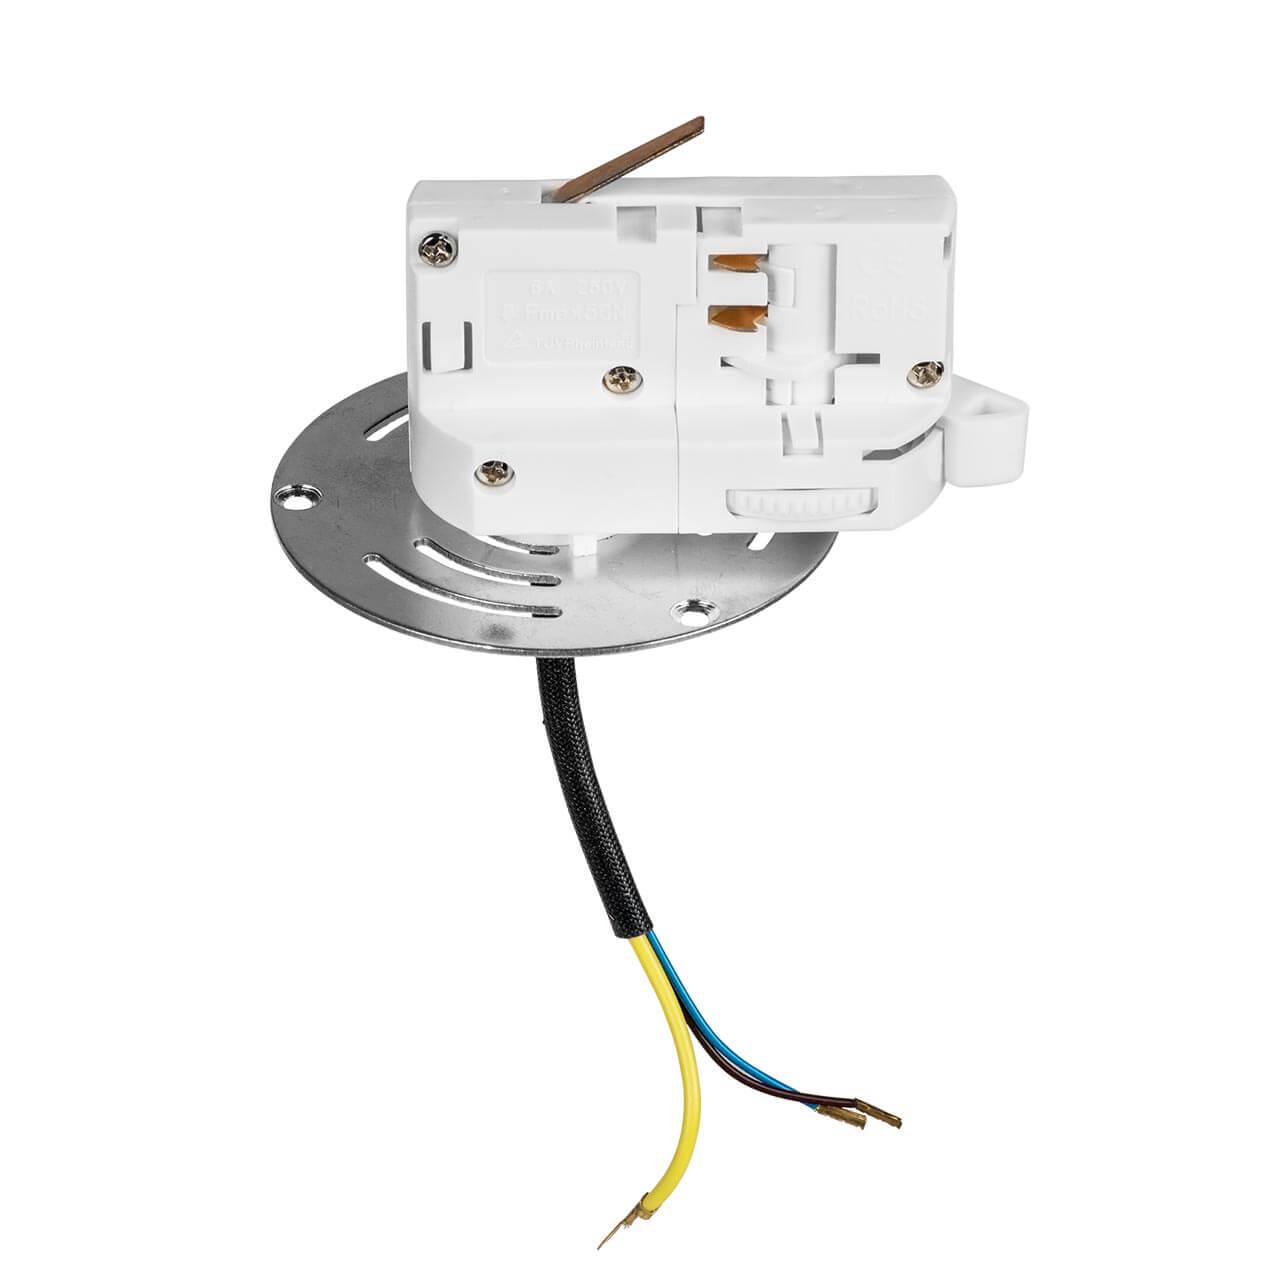 Адаптер для шинопровода Lightstar 594060 Asta (для трехфазного шинопровода)